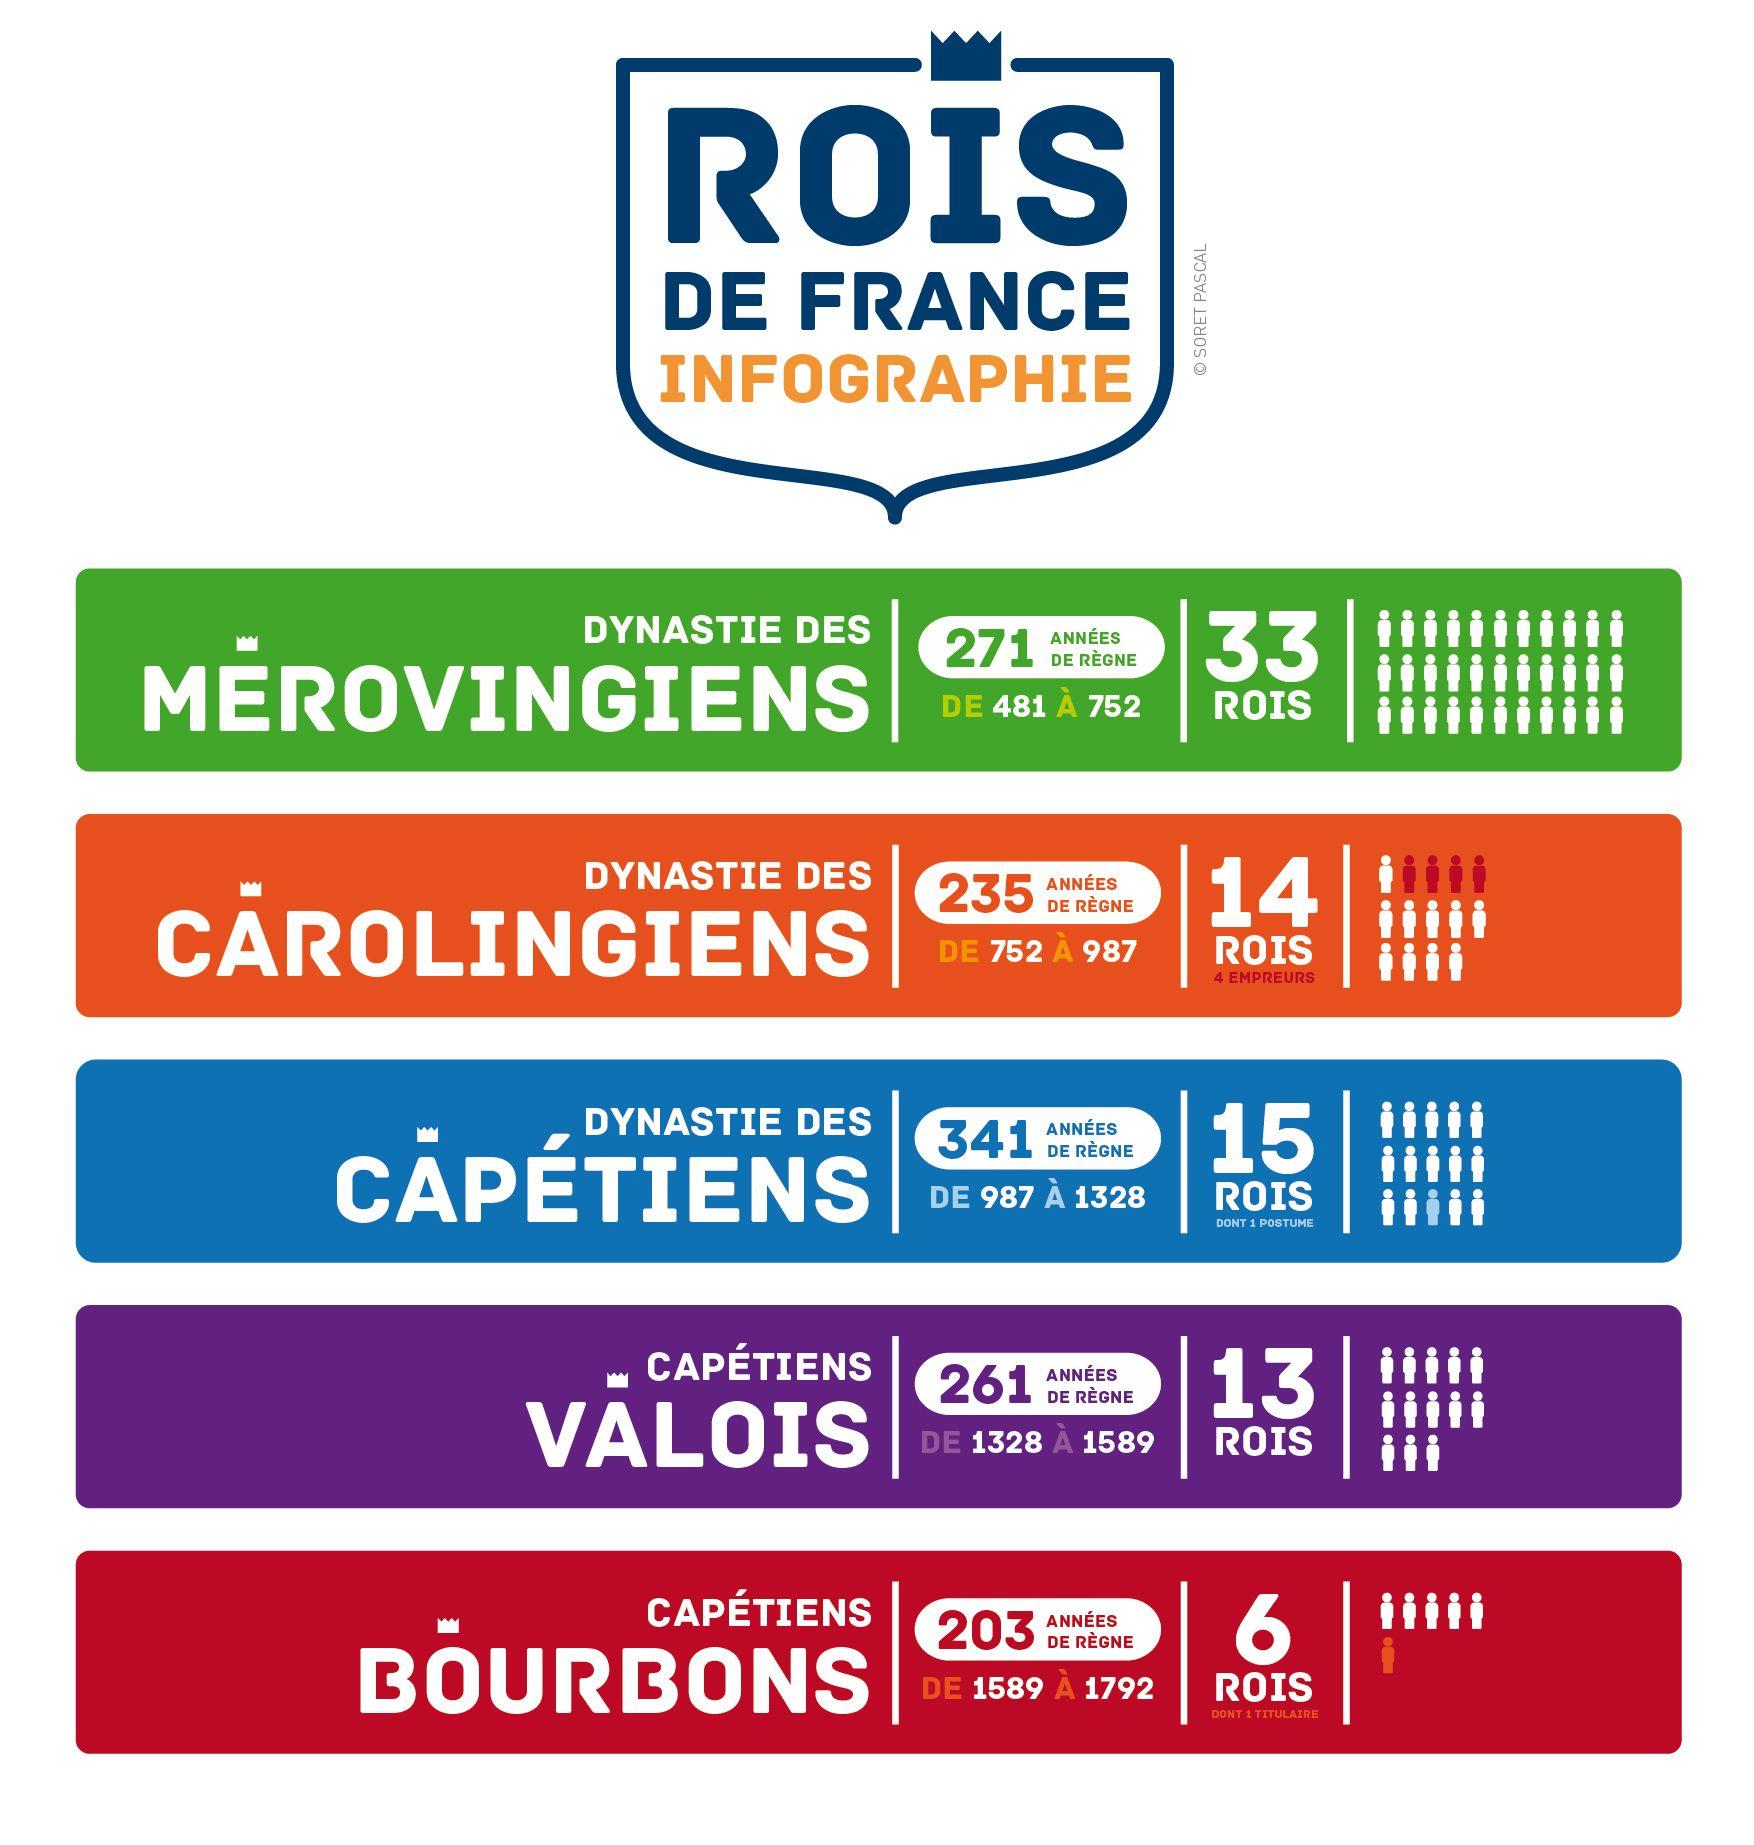 Infographie - Rois De France - Les Dynasties